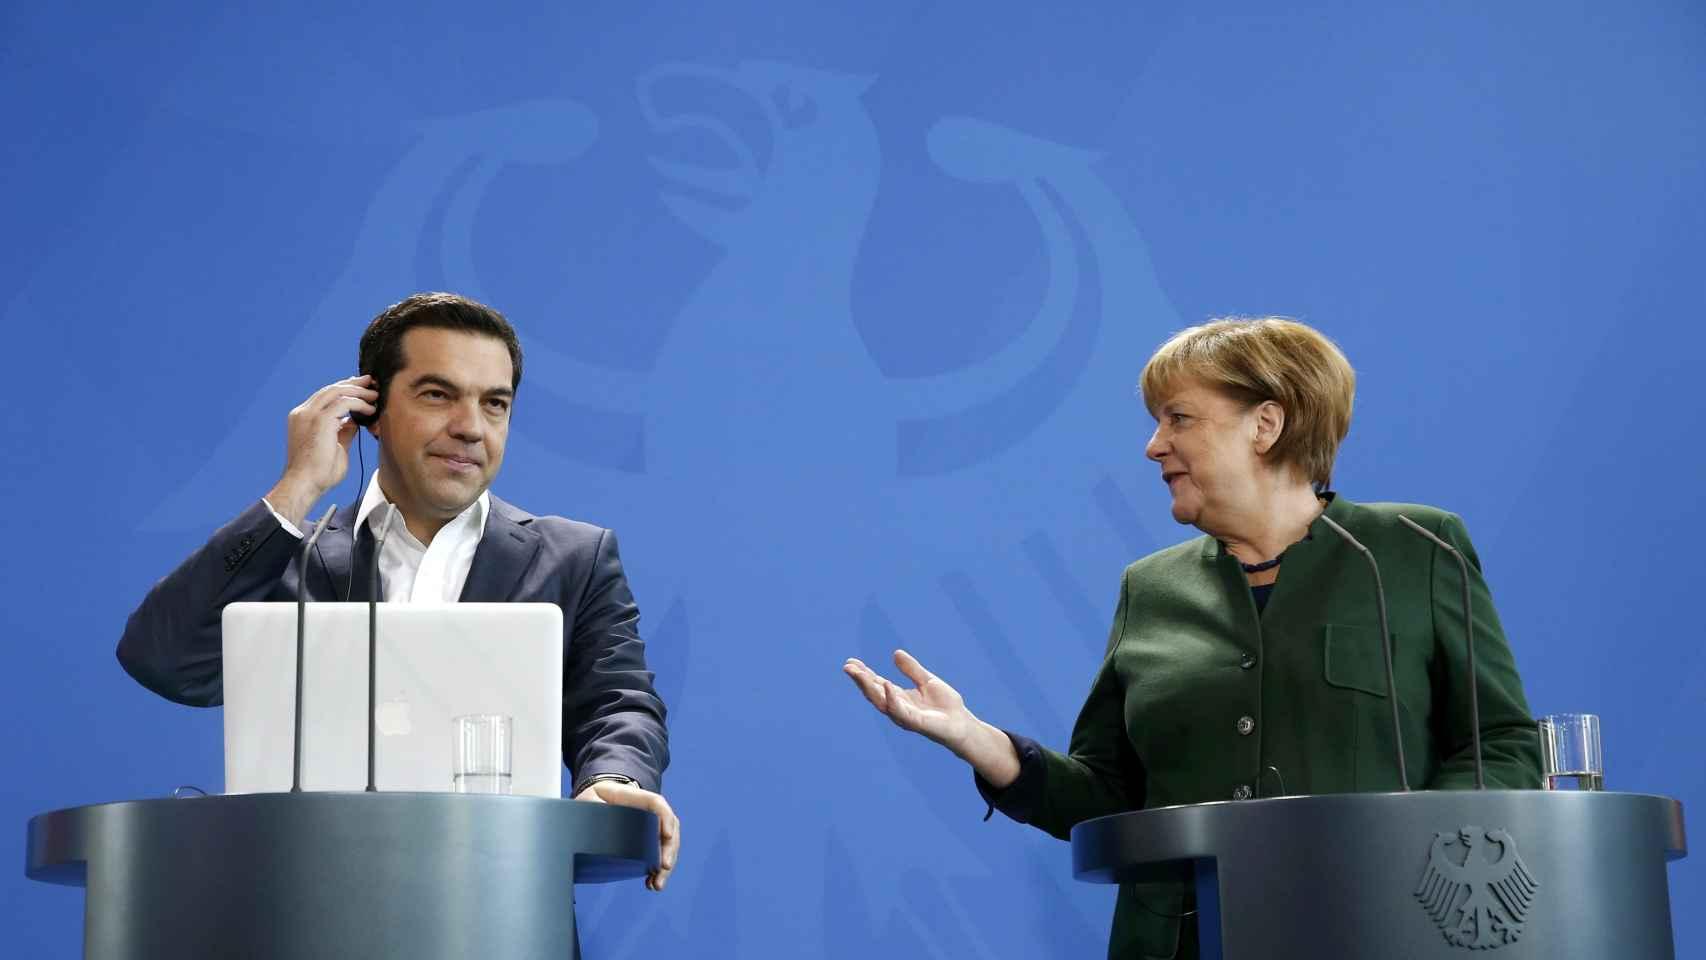 La canciller Merkel y el primer ministro Tsipras durante su rueda de prensa en Berlín